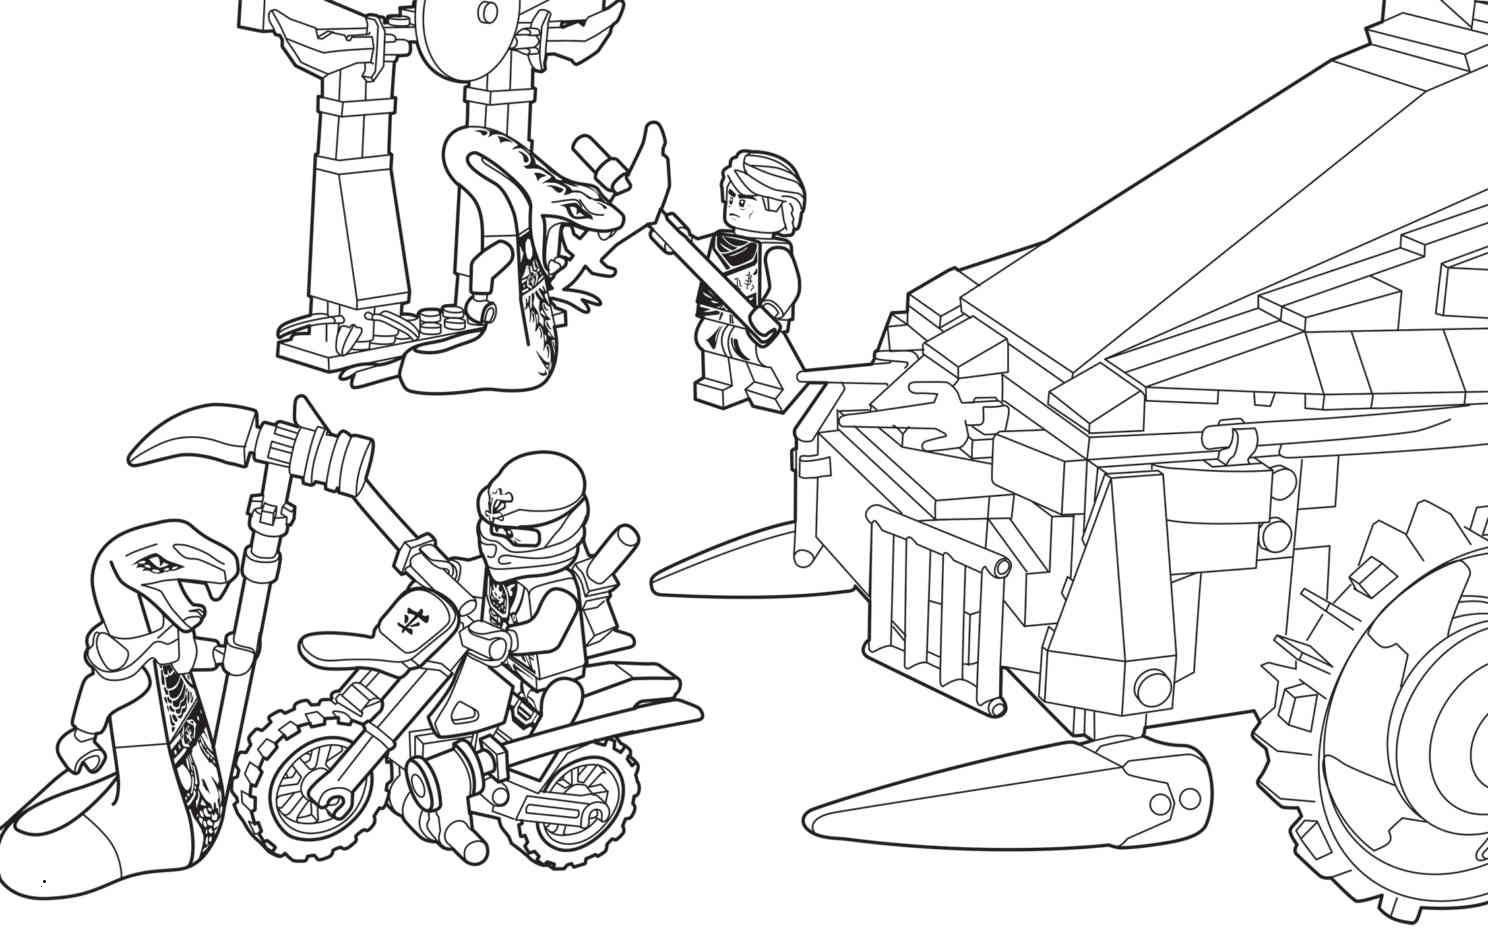 Ninjago Ausmalbilder Kostenlos Inspirierend Ninjago Ausmalbilder Lloyd 2015 Einzigartig Lego Ninjago Chen Fotografieren